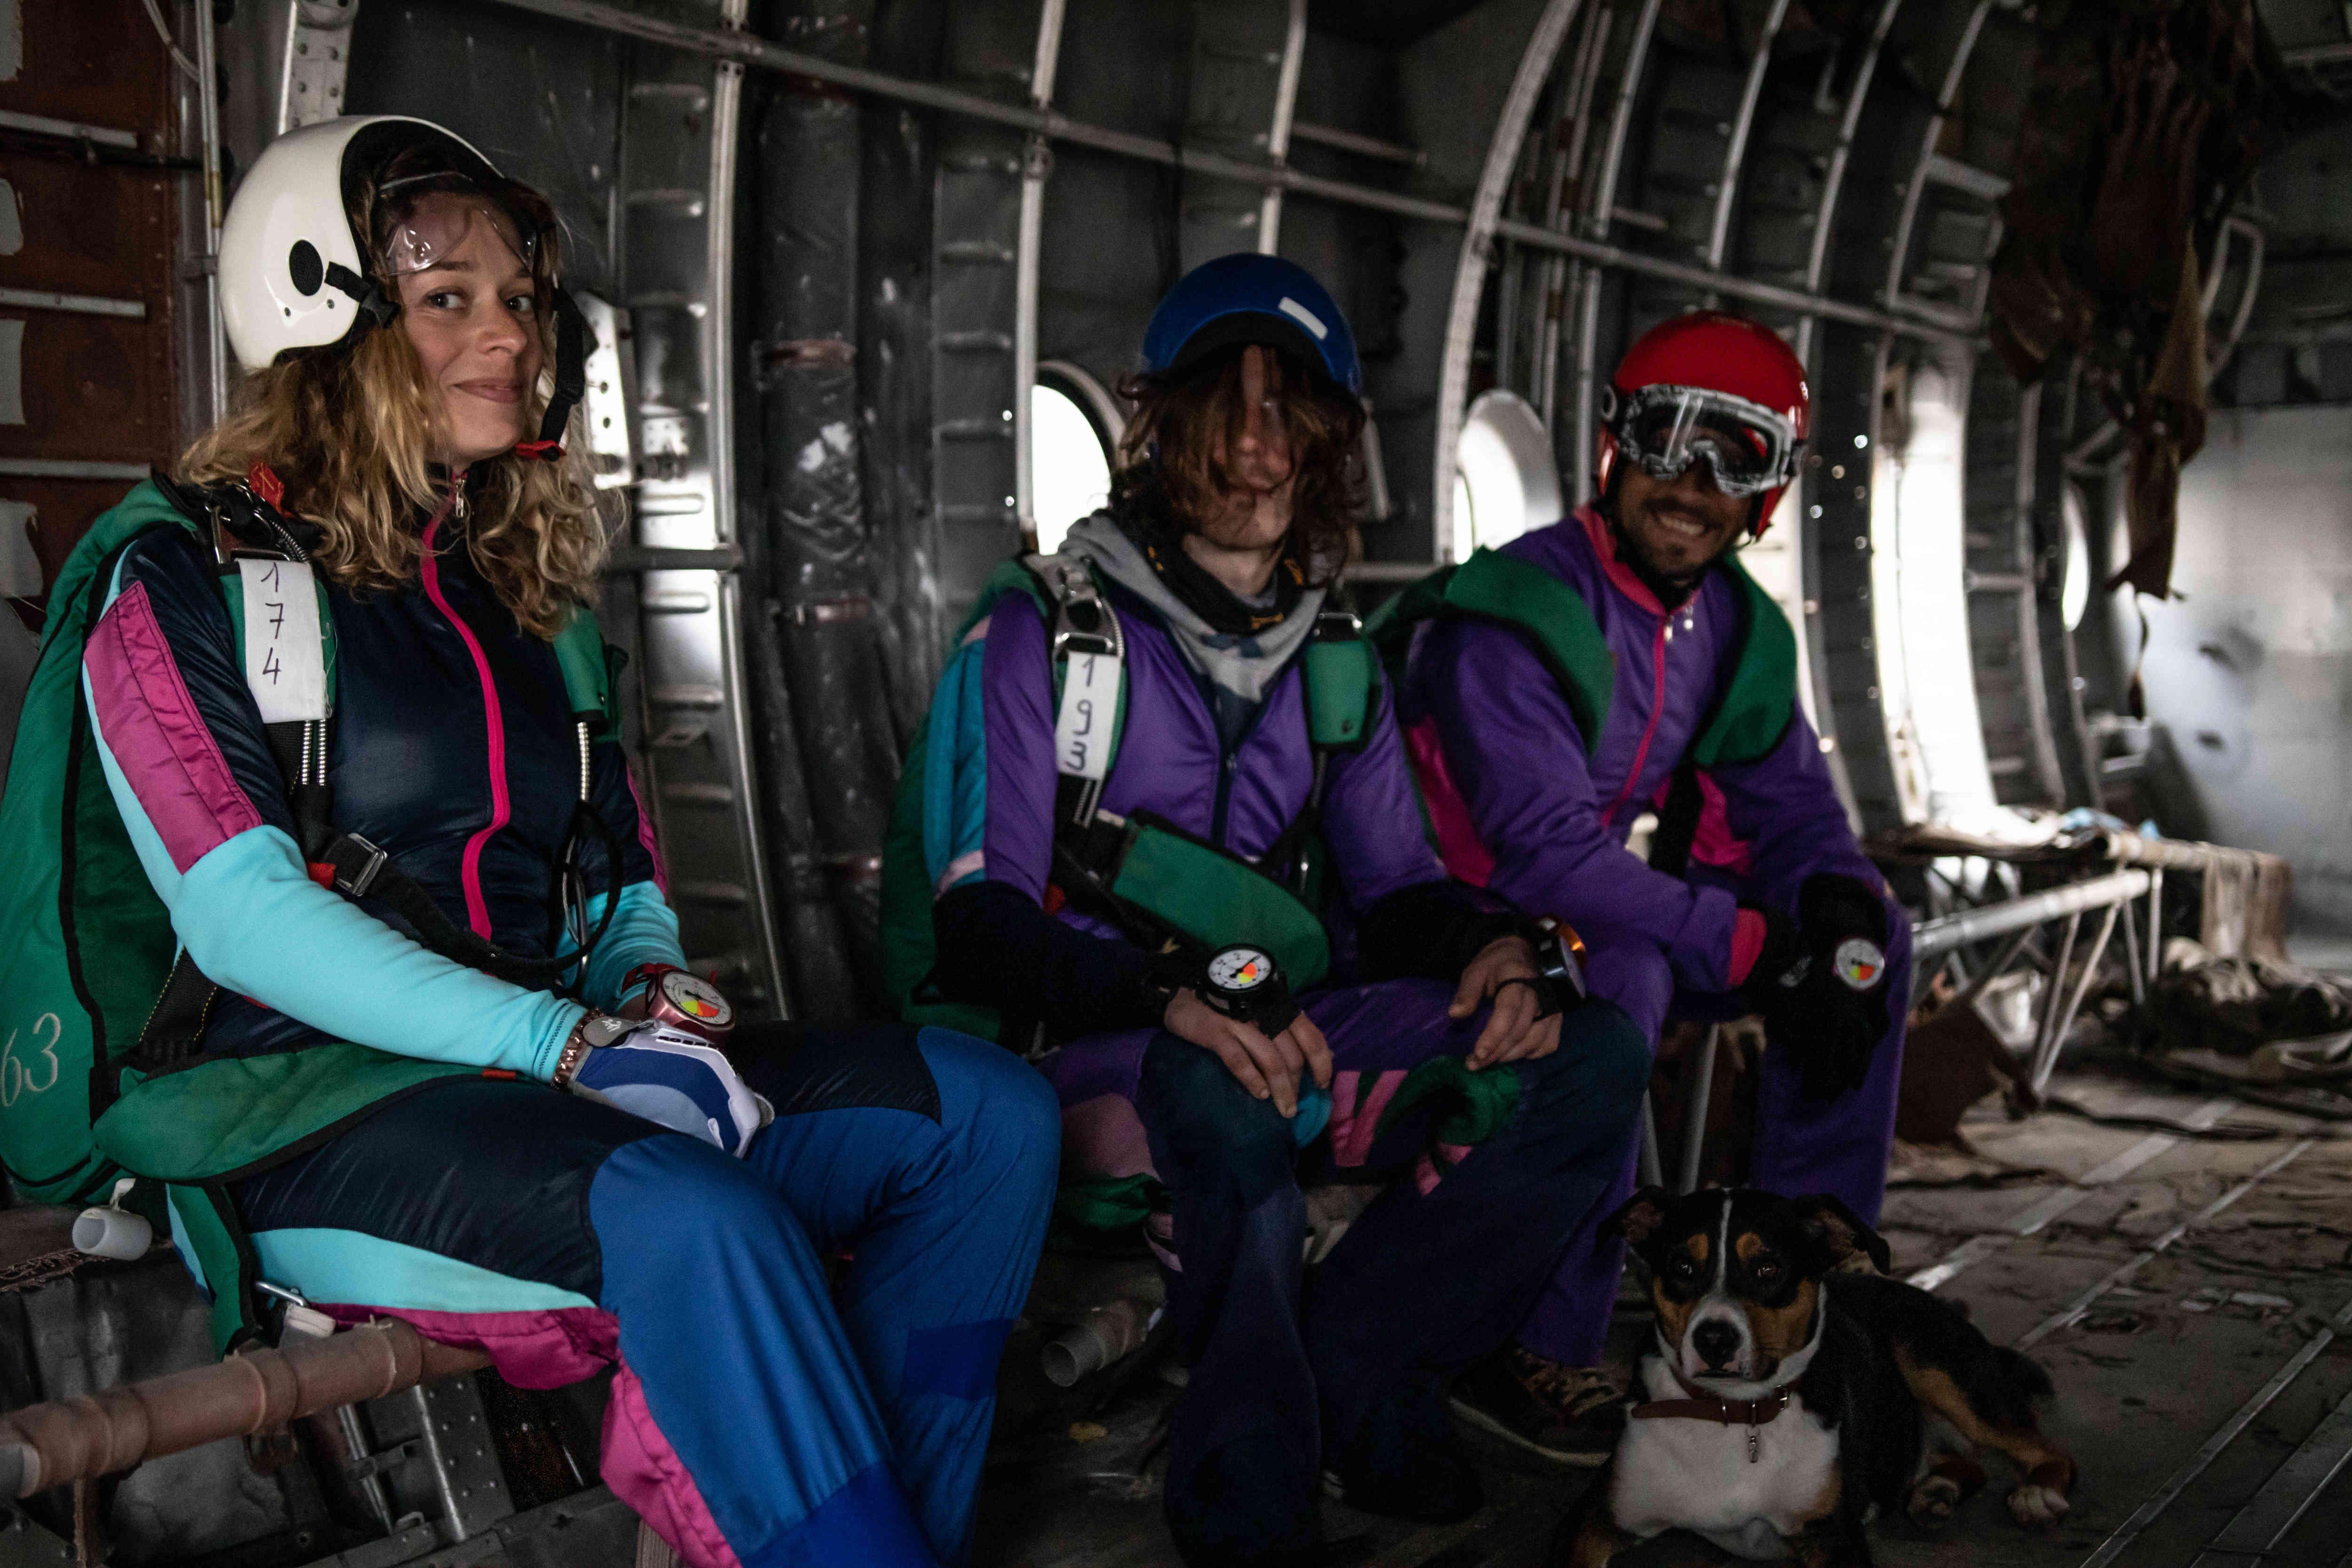 La moitié de l'équipe du Centre de parachutisme de Brienne Aube Parachutisme, centre de saut en parachute proche de Paris